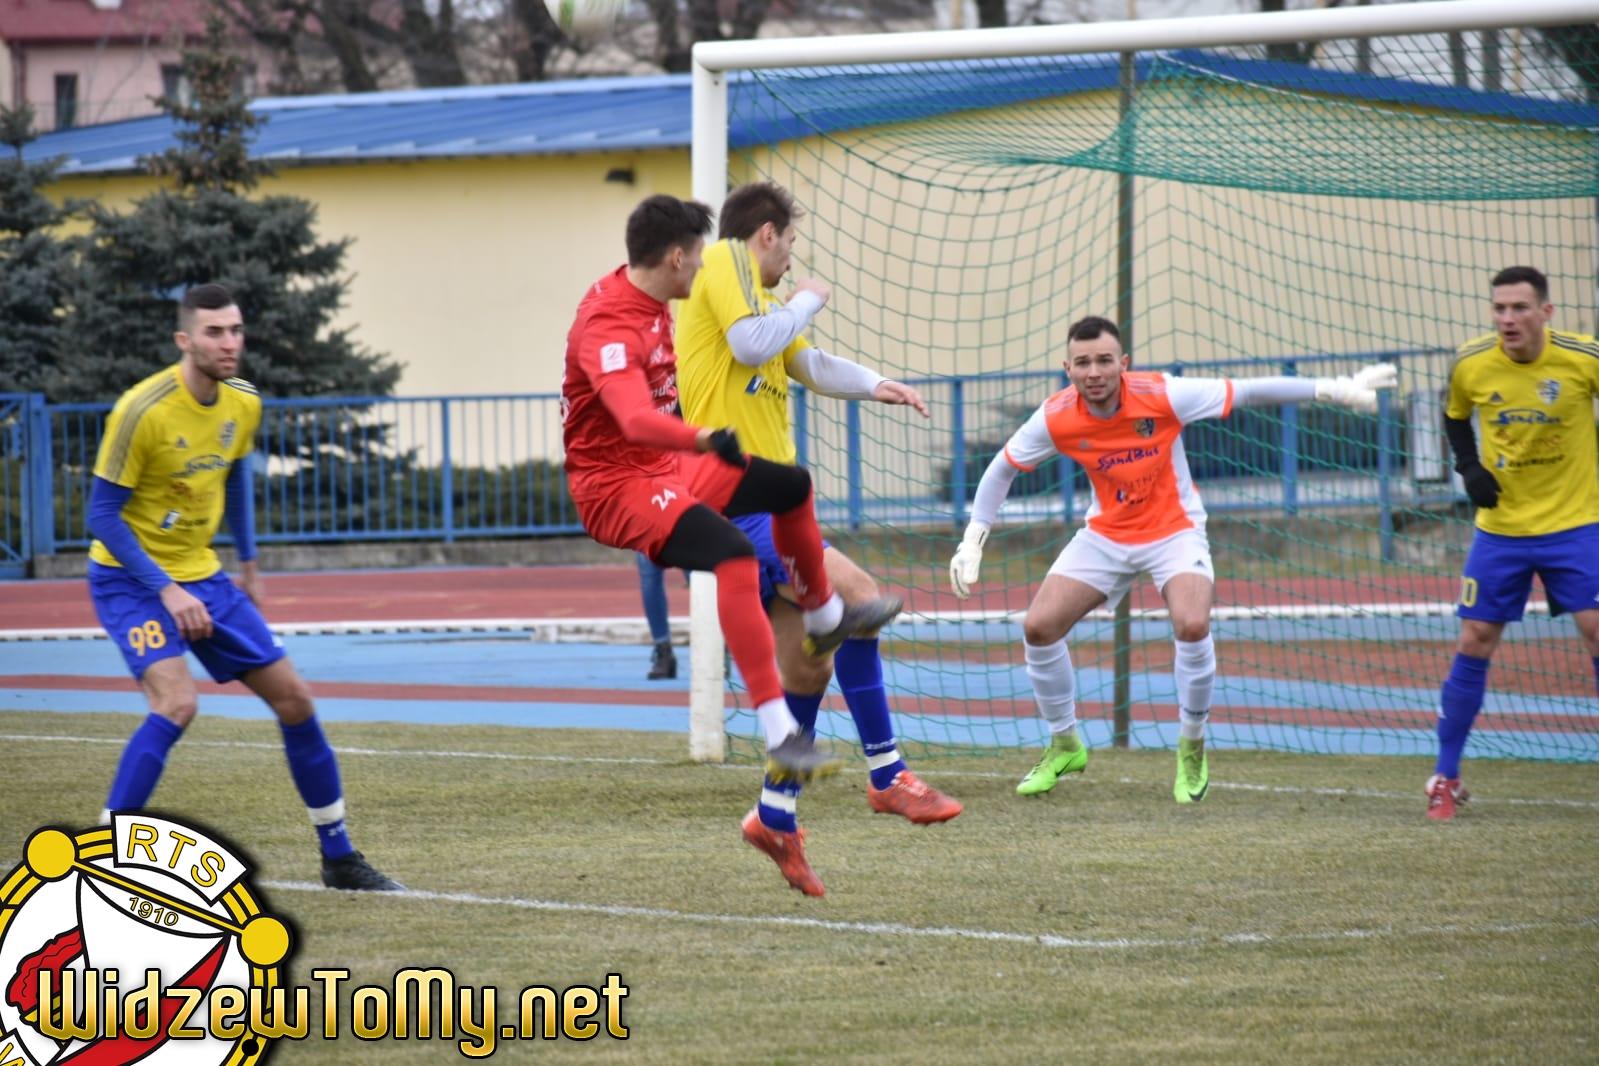 KS Kutno - Widzew Łódź 0:4 (0:3)